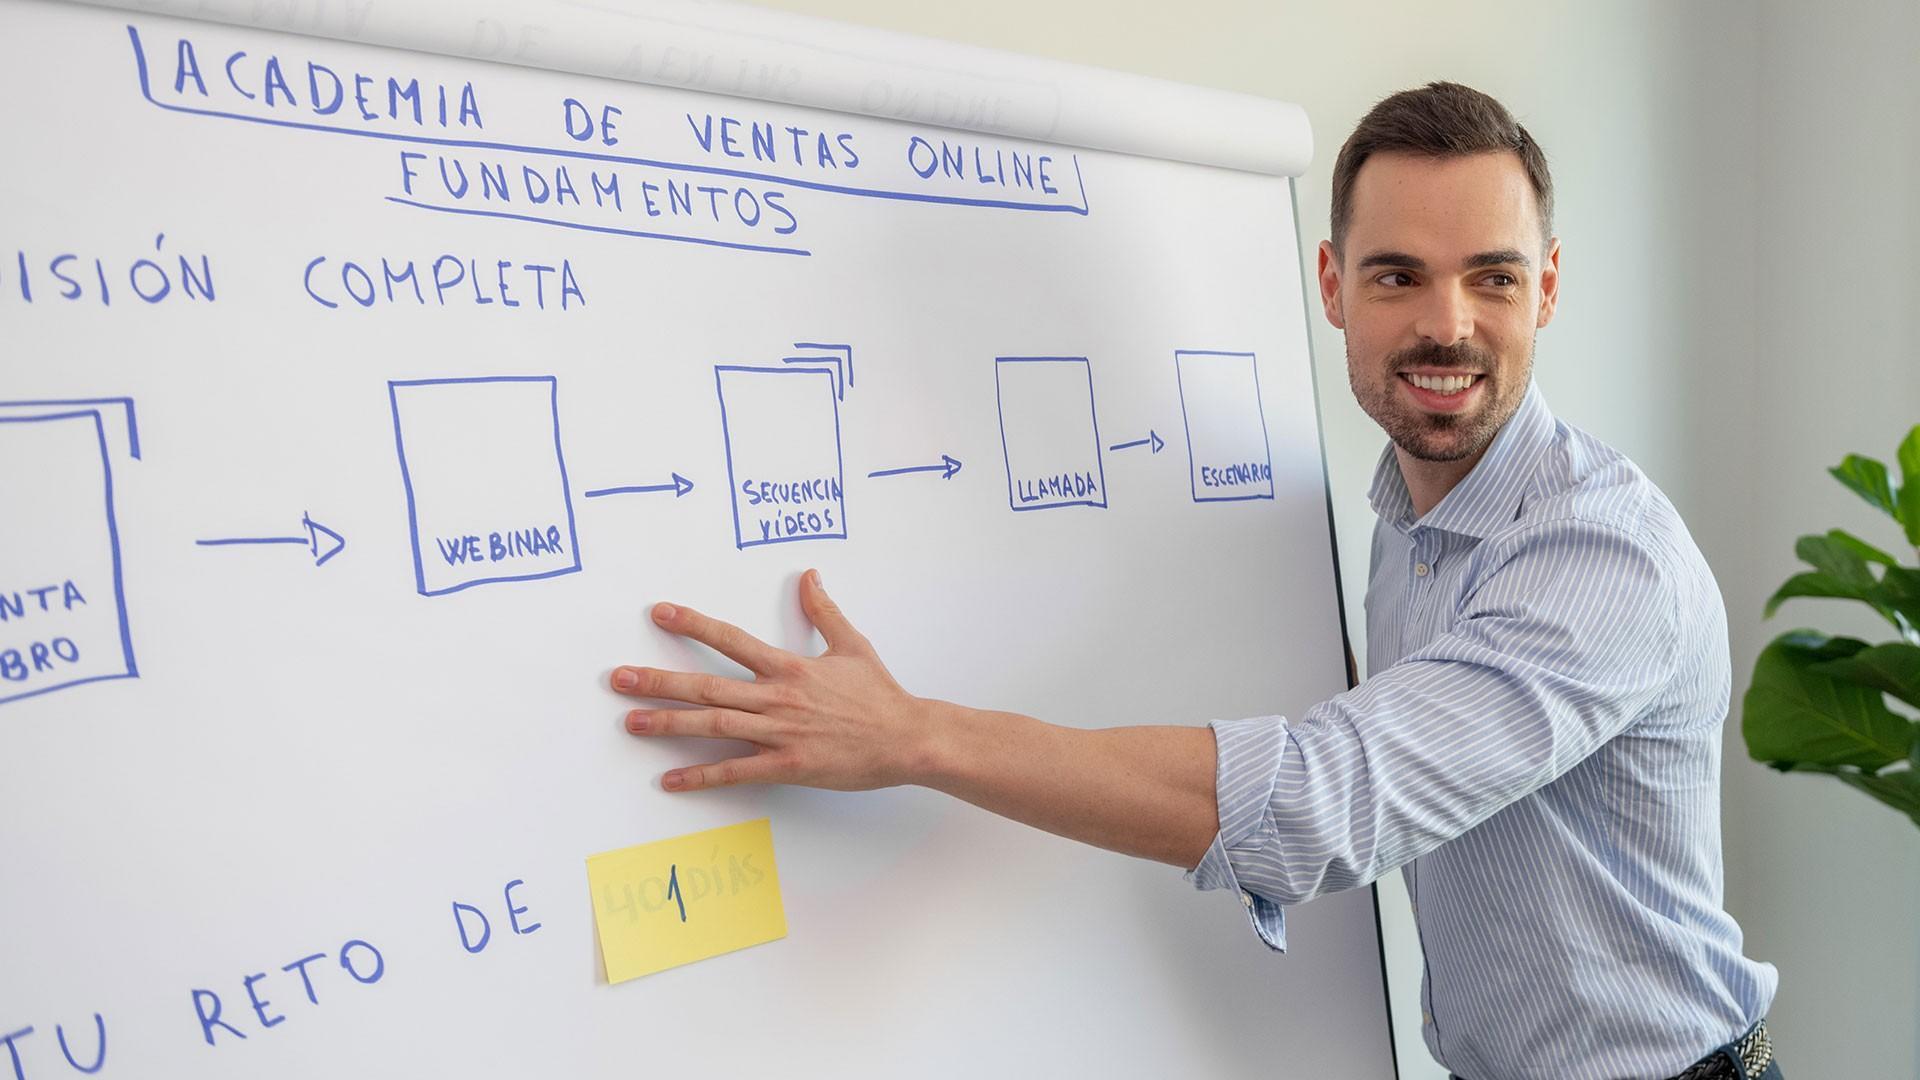 Academia de Ventas Online